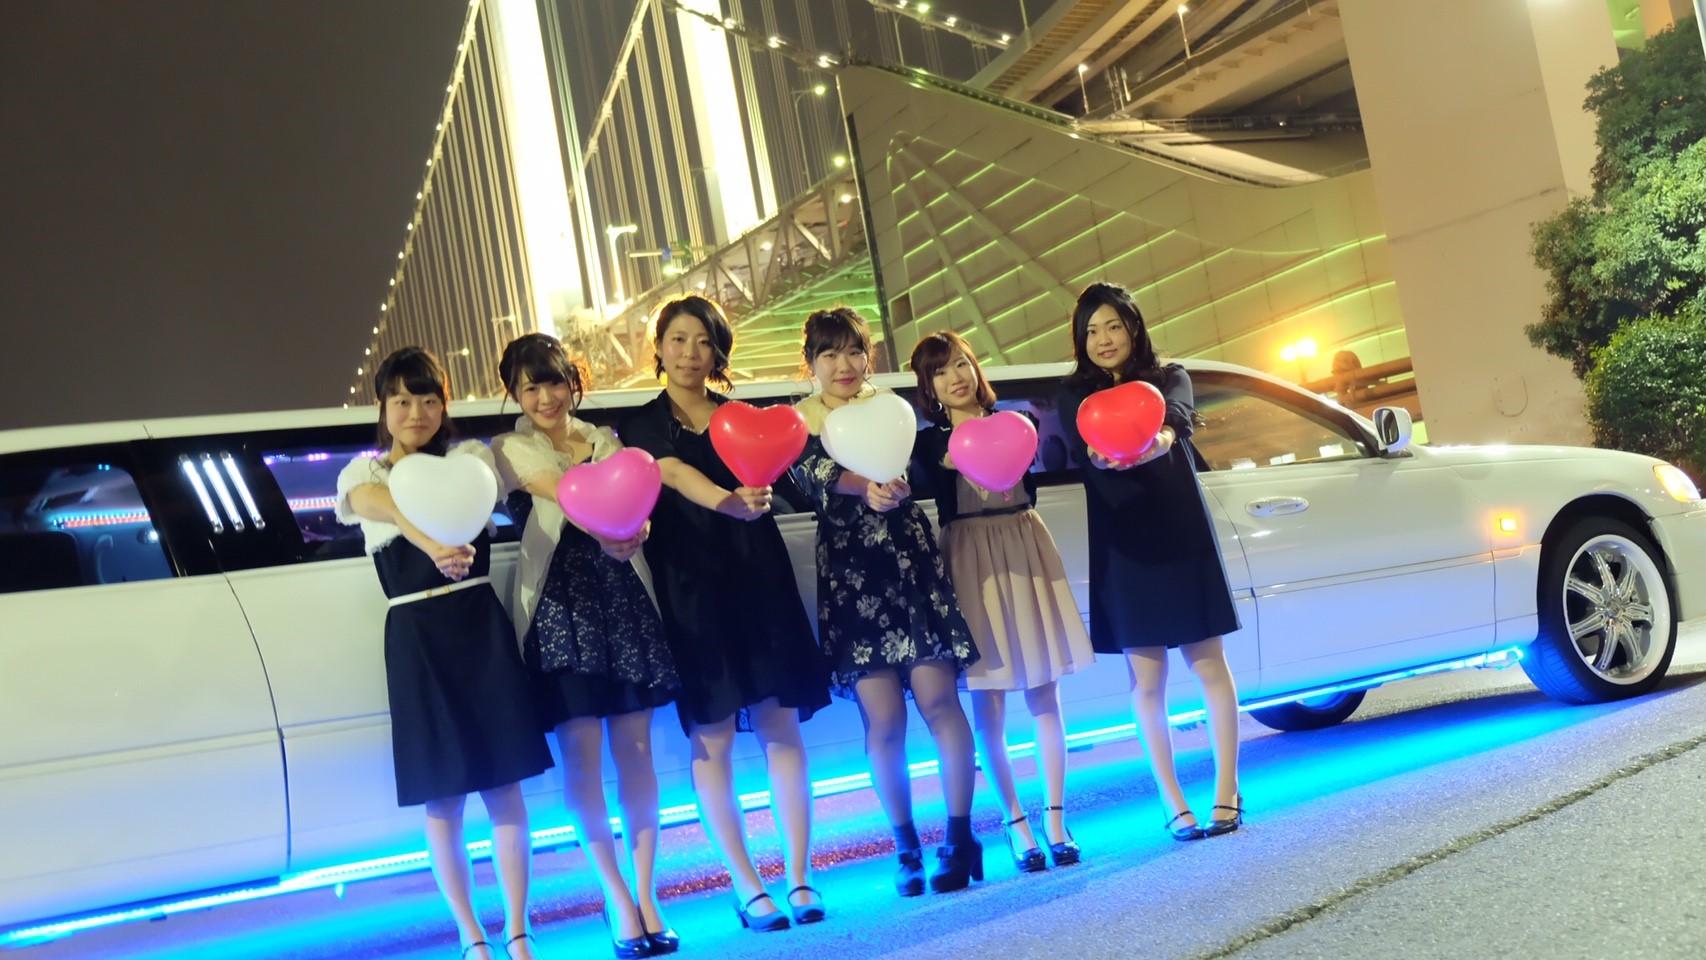 リムジン女子会が格安で東京で楽しめる